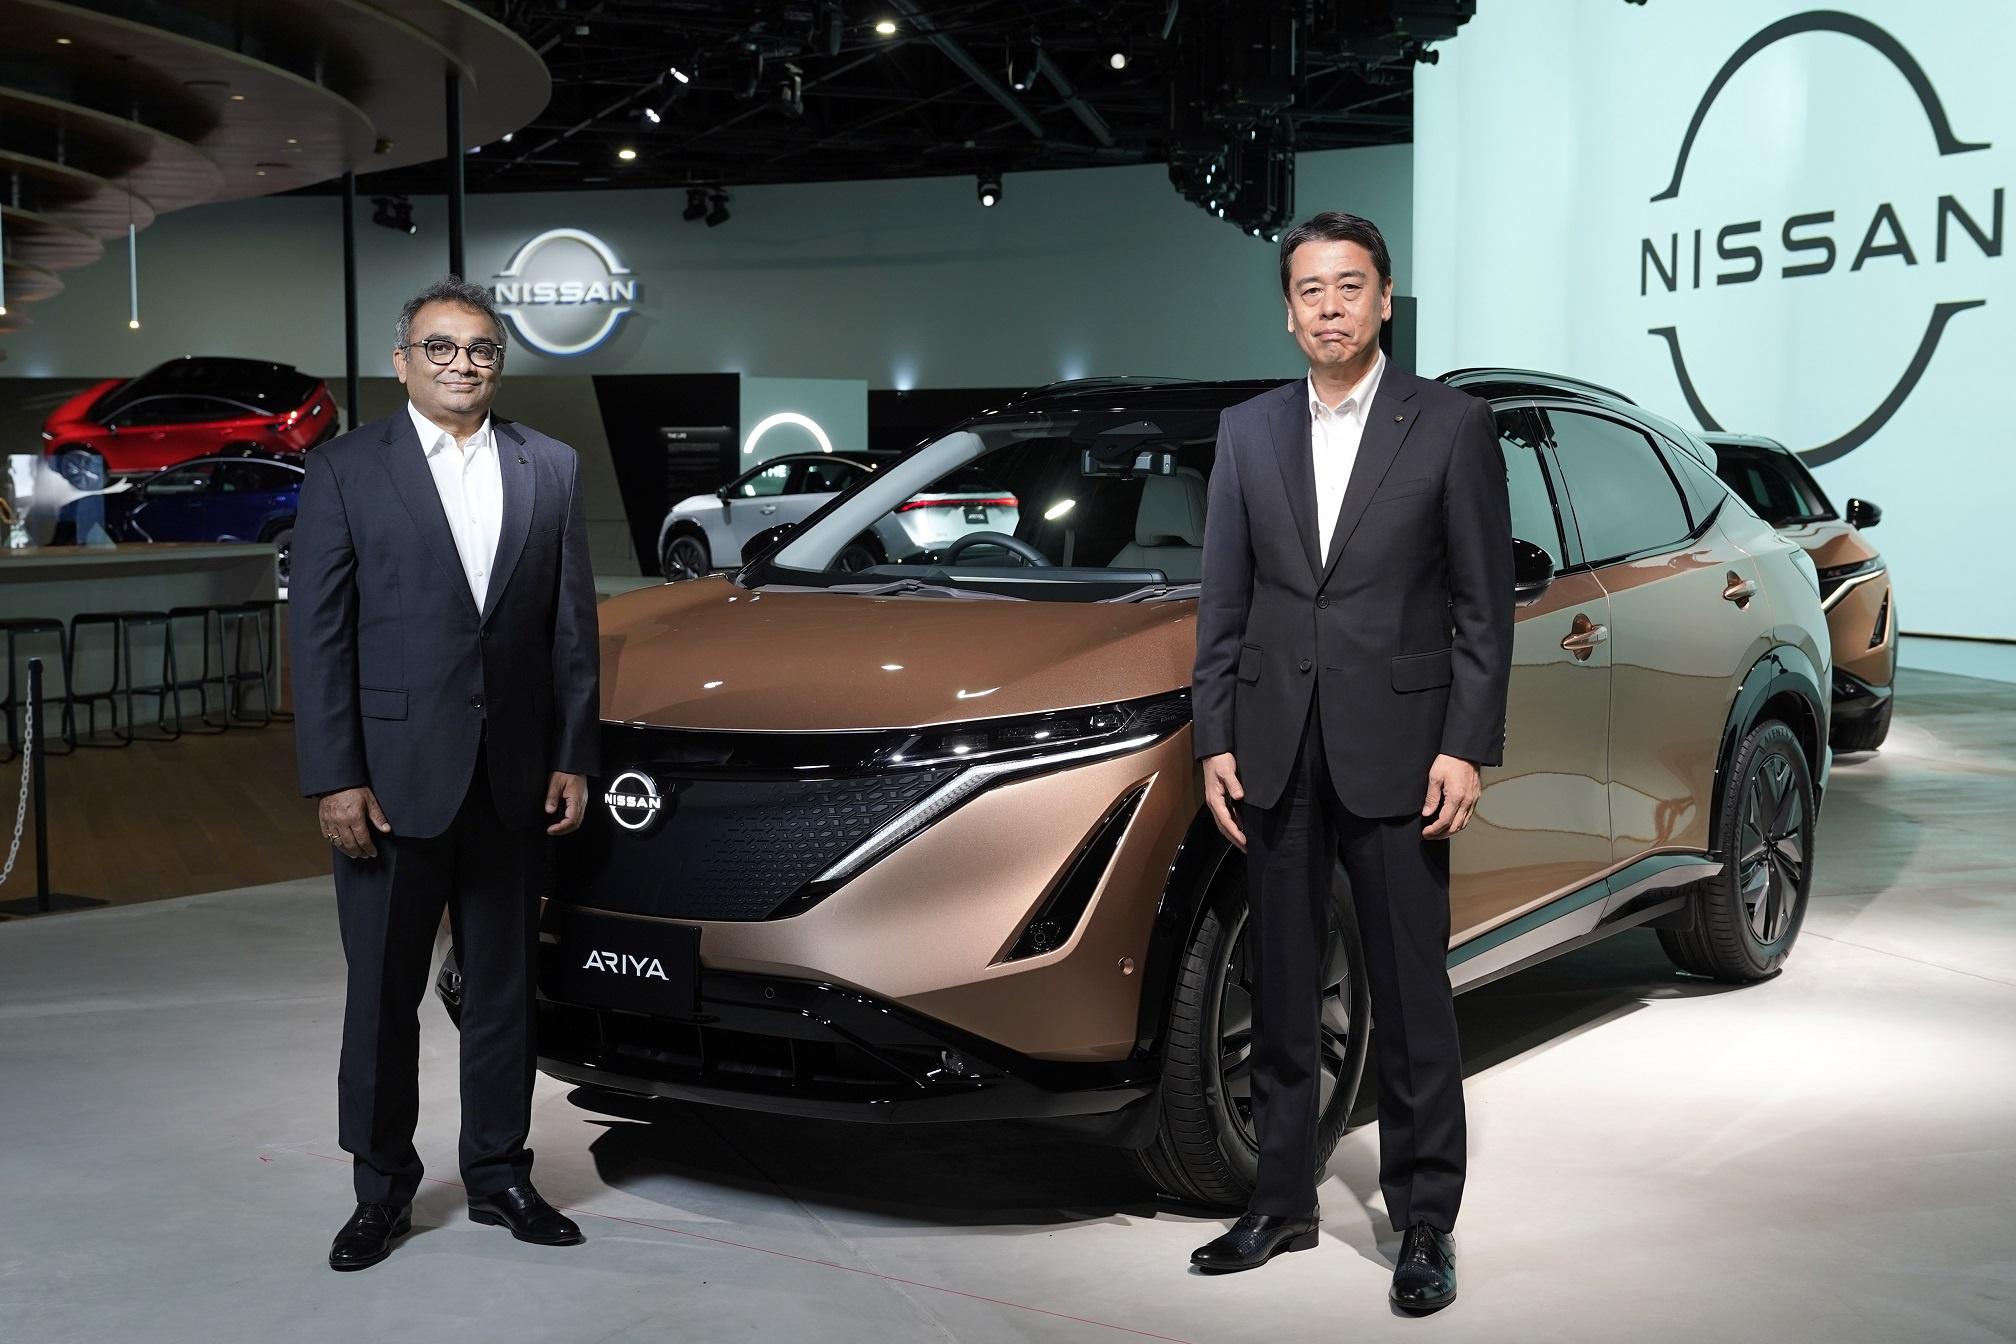 日产汽车公司首席执行官内田诚(Makoto Uchida)先生(右)和日产汽车公司首席运营官古普塔(Ashwani Gupta)先生(左)